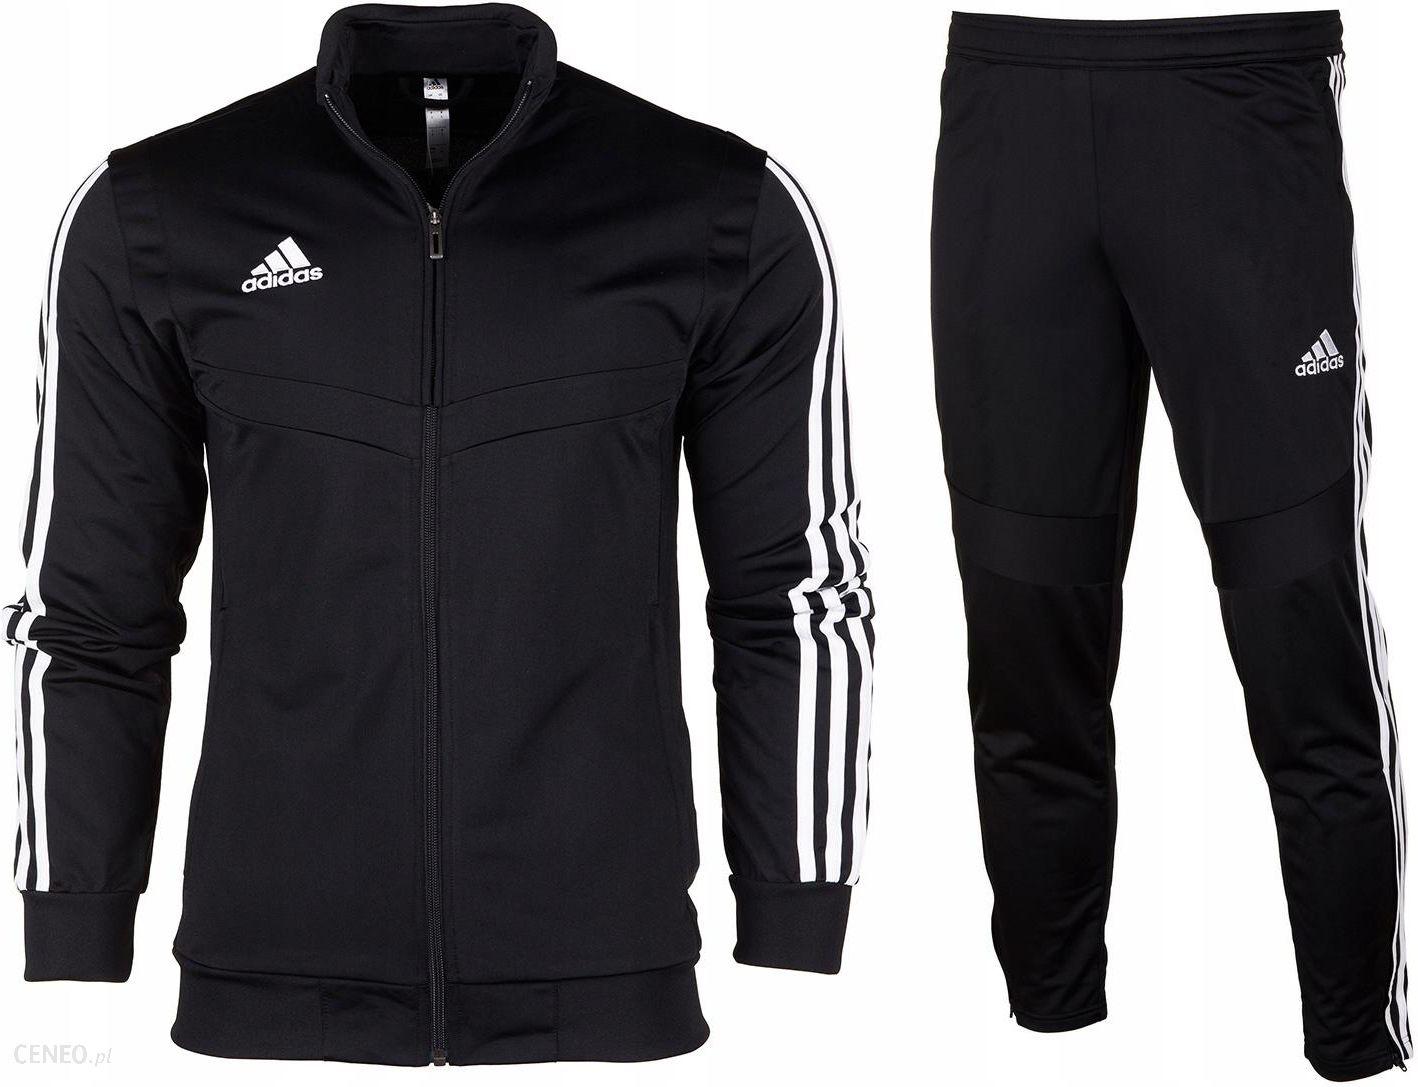 sprzedaż hurtowa całkiem fajne świetna jakość Adidas dres komplet męski spodnie bluza Tiro19 M